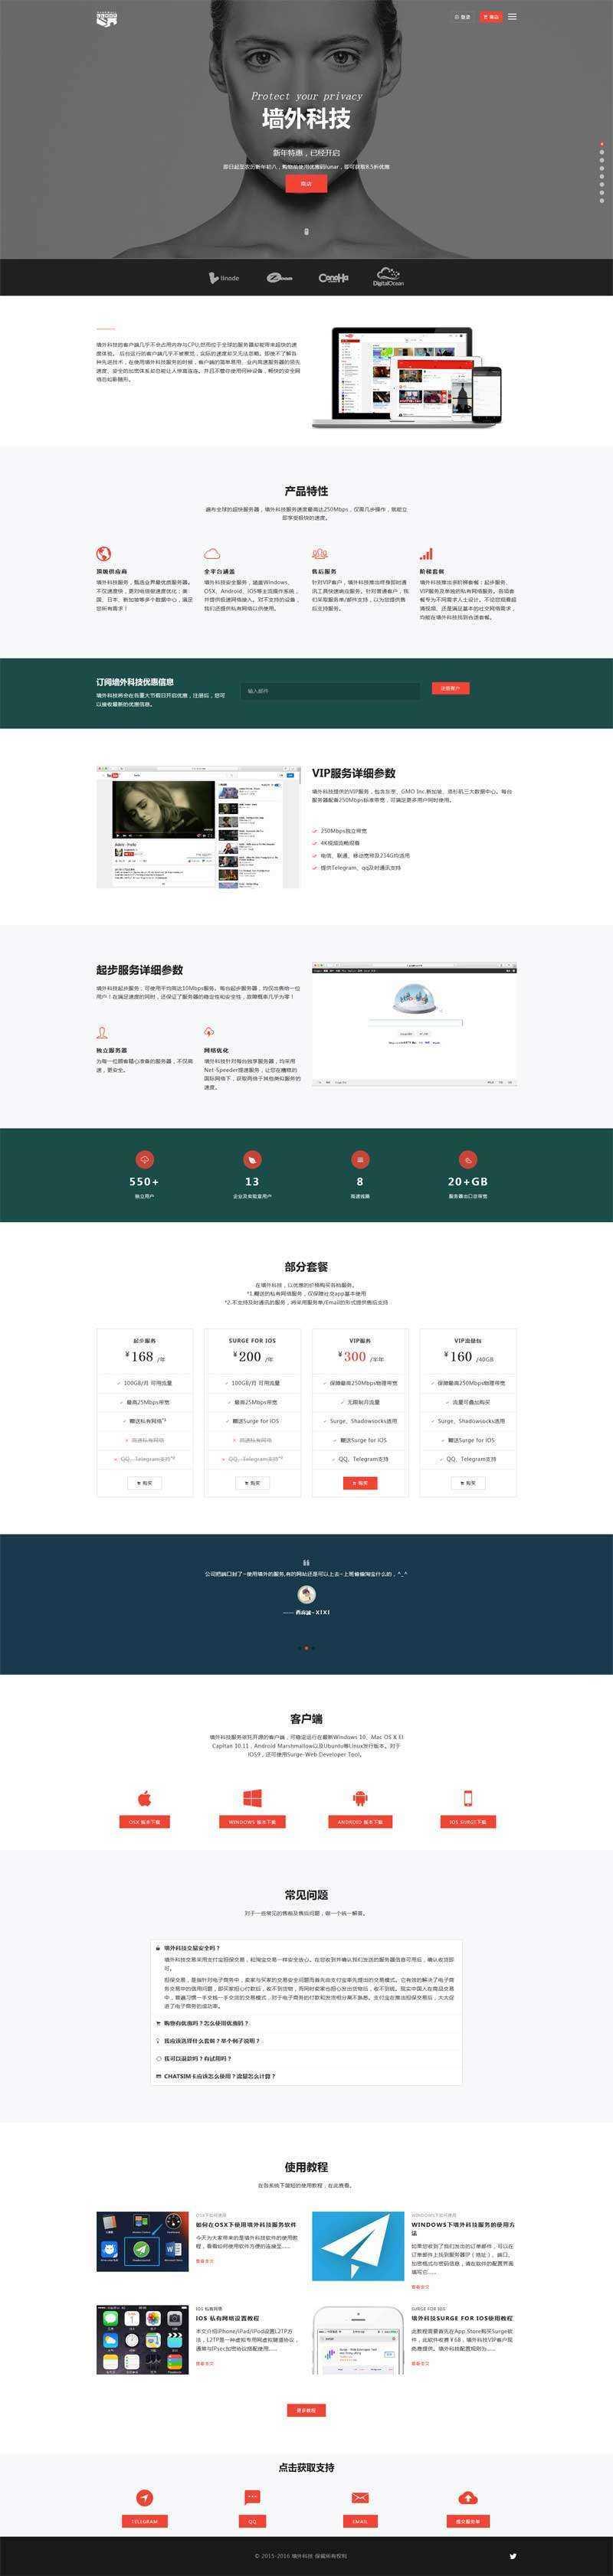 墙外科技企业介绍主页模板